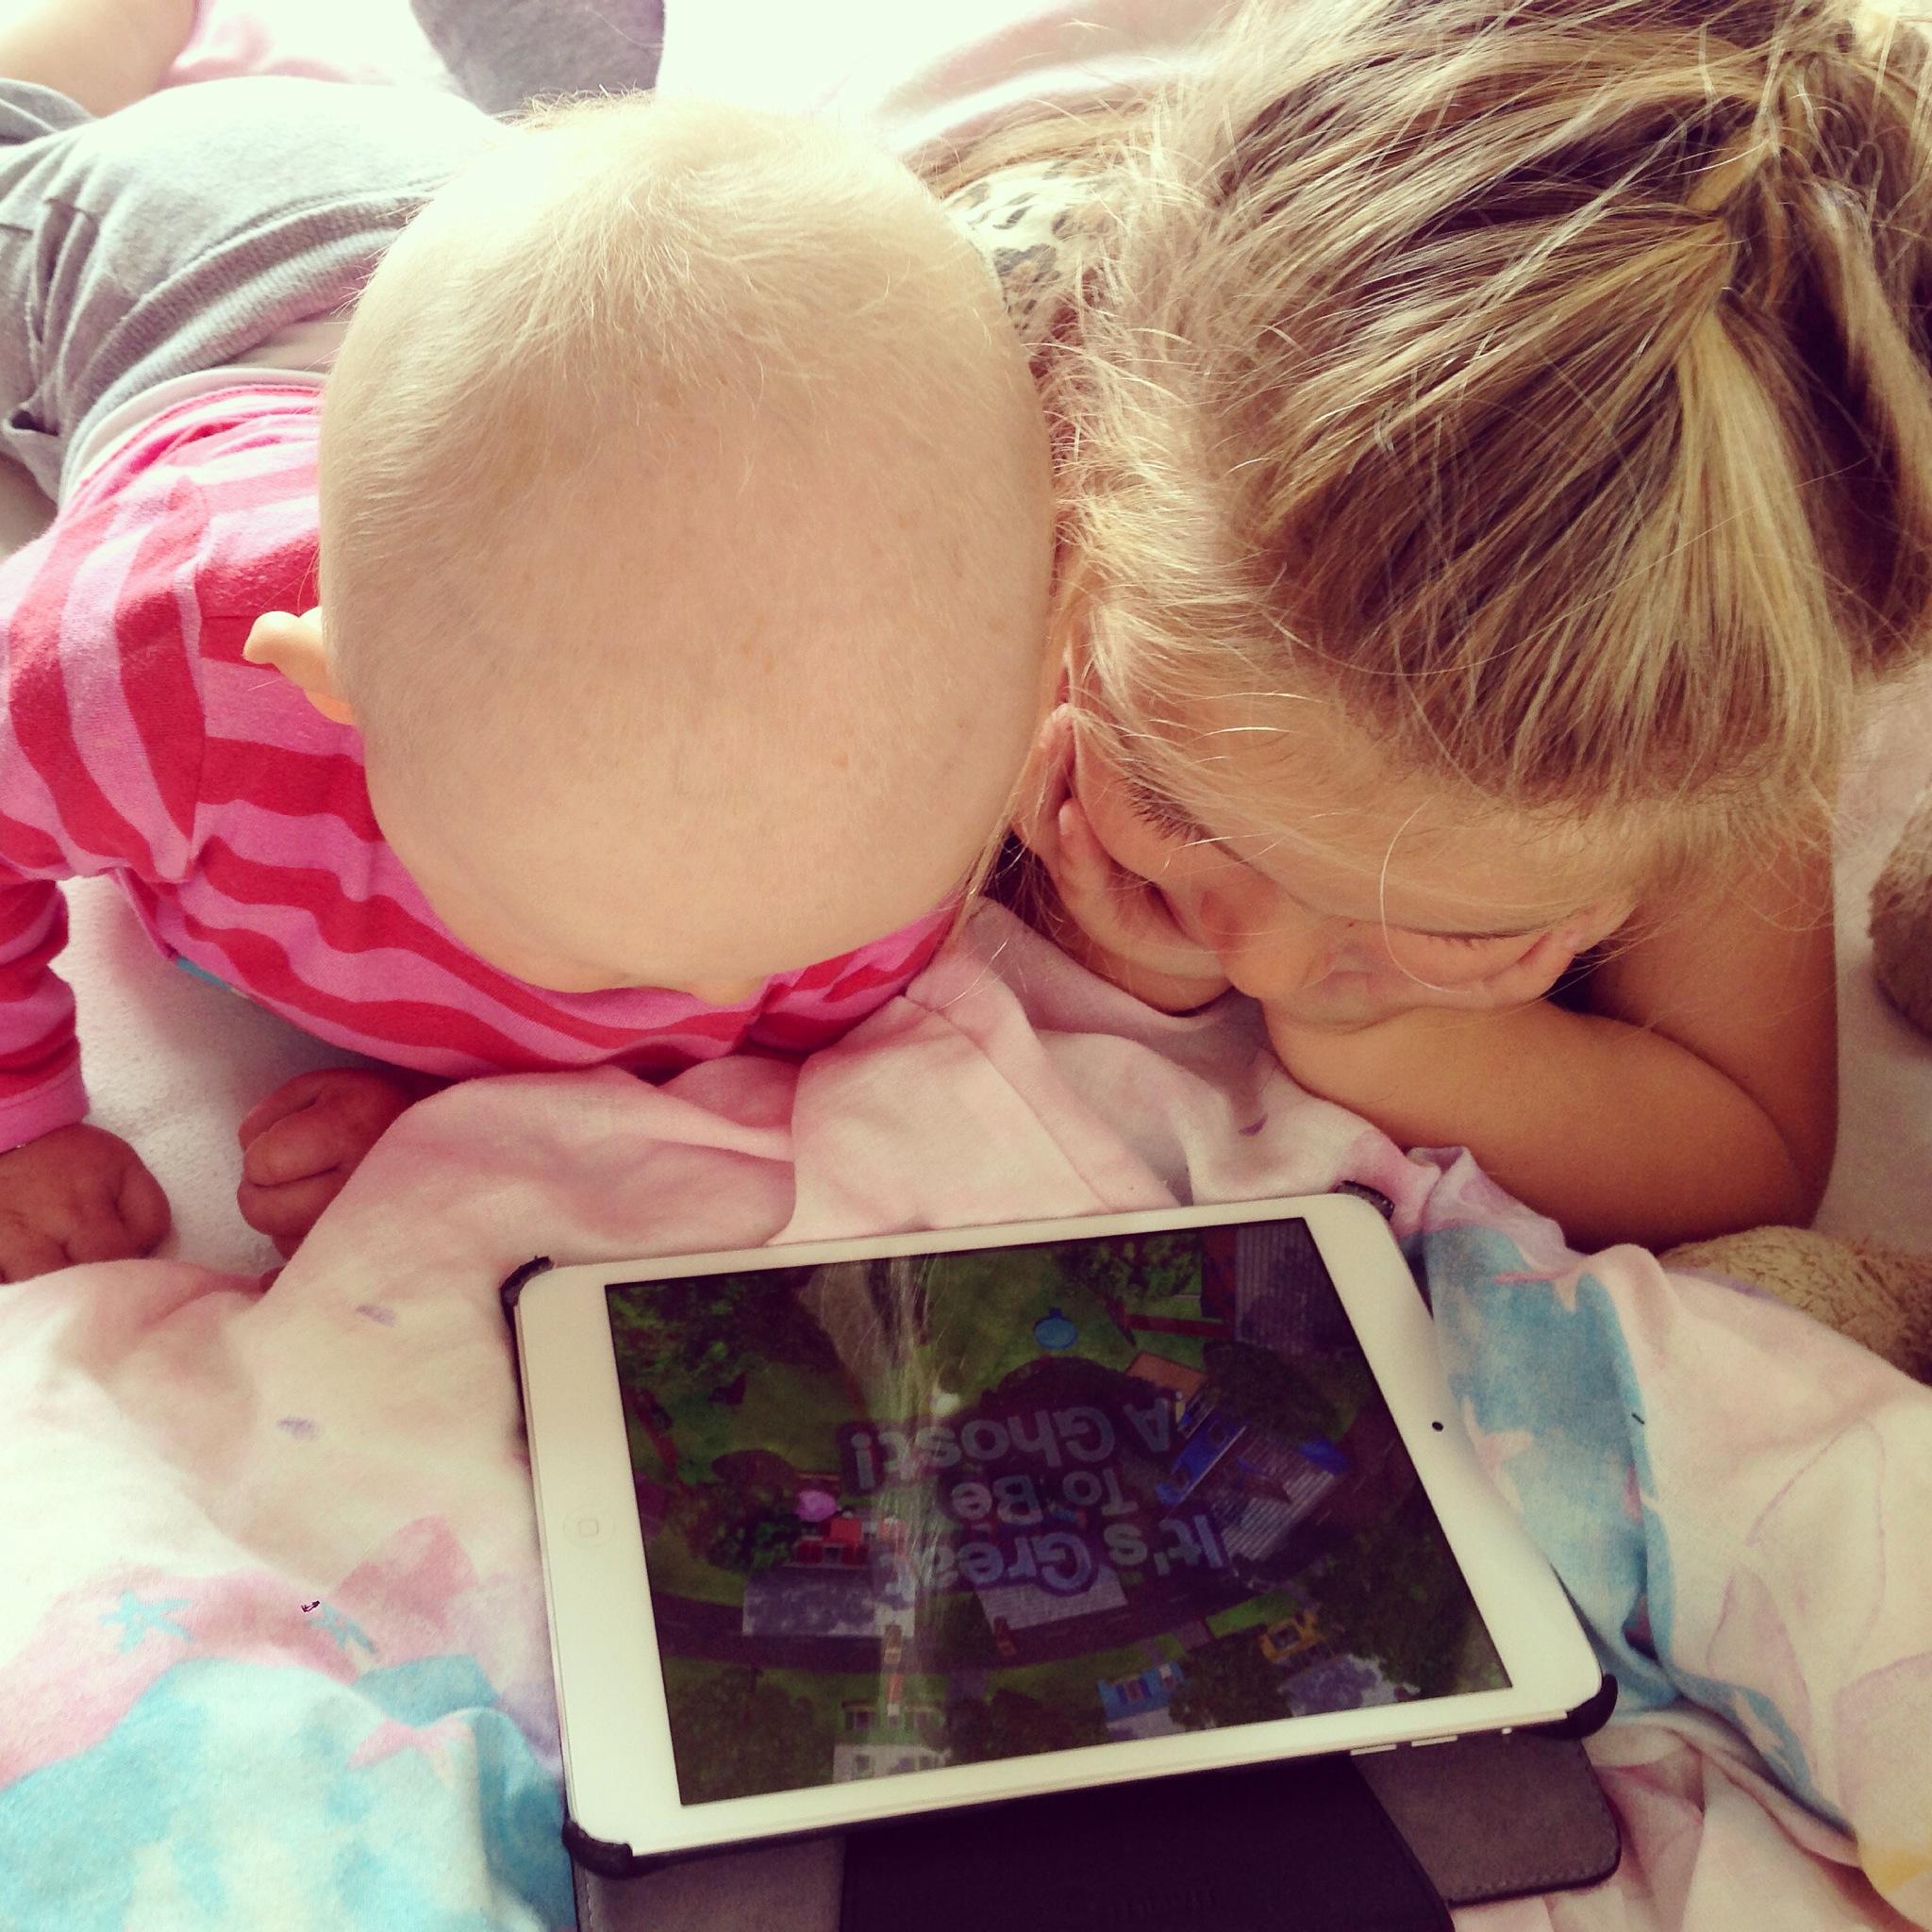 Lekker samen achter de iPad, totdat Liza steeds op het scherm drukt en Eva er niks meer aan vindt.